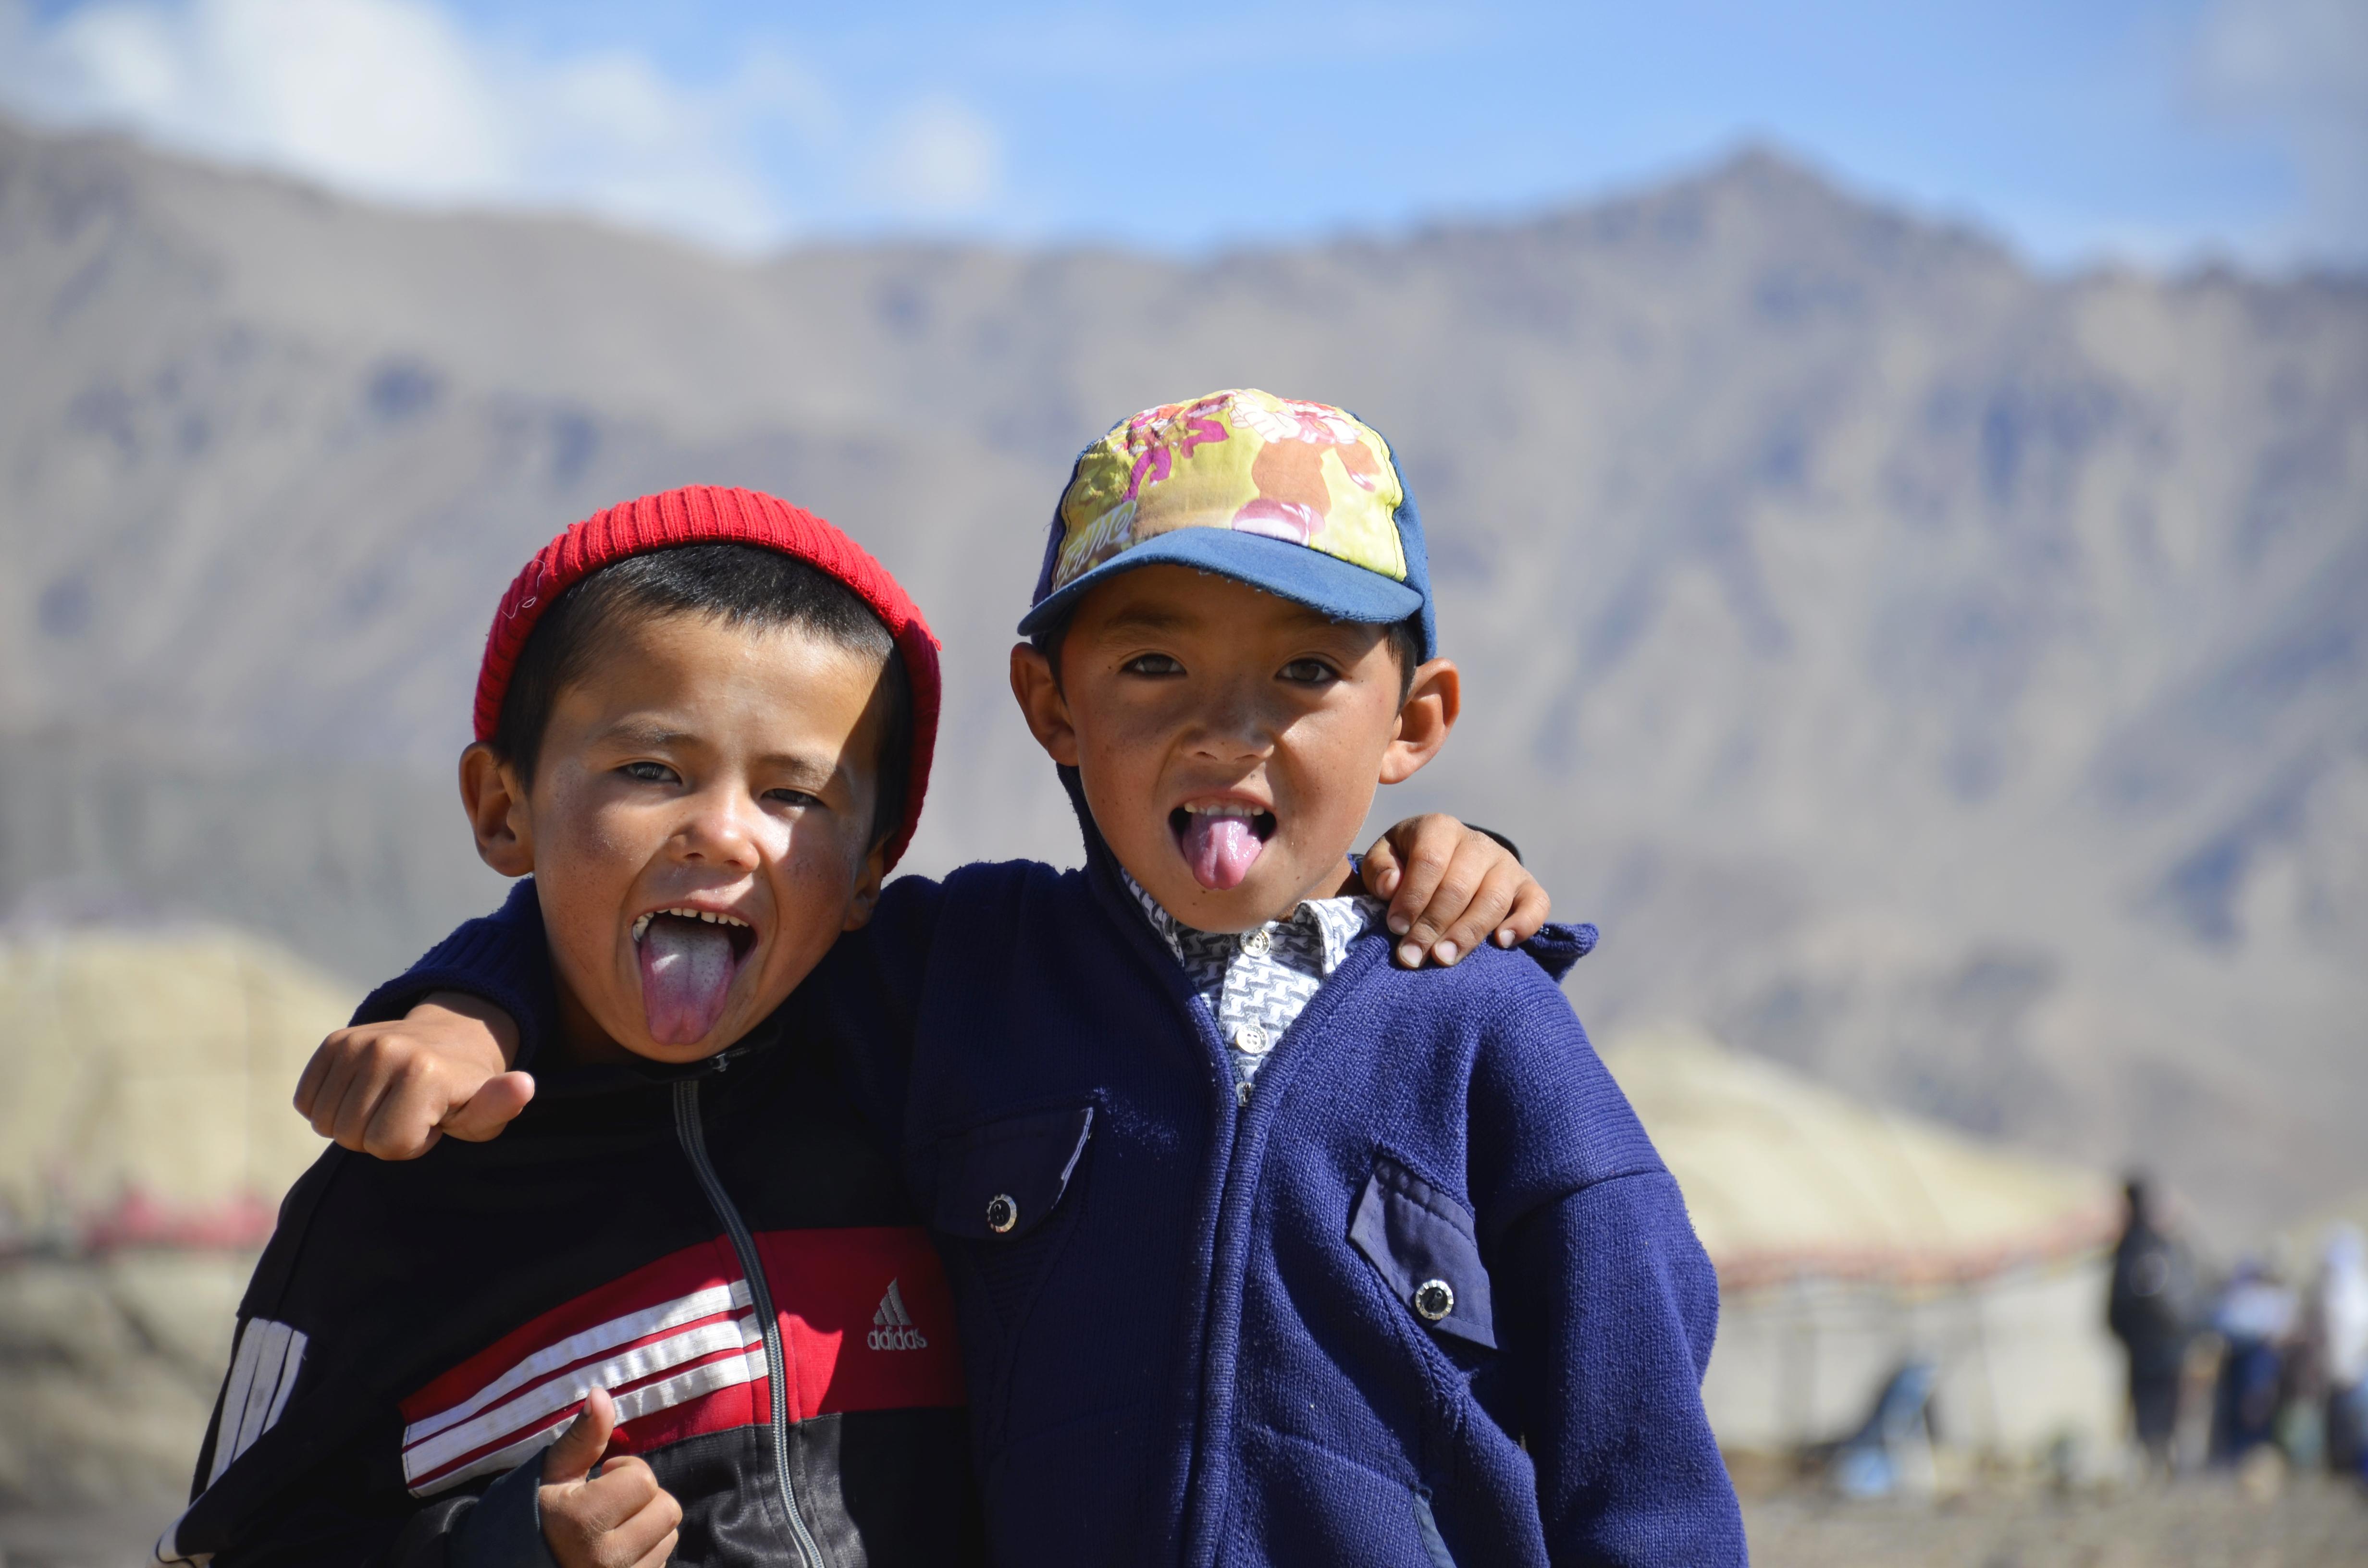 Murghab【Tajikistan】